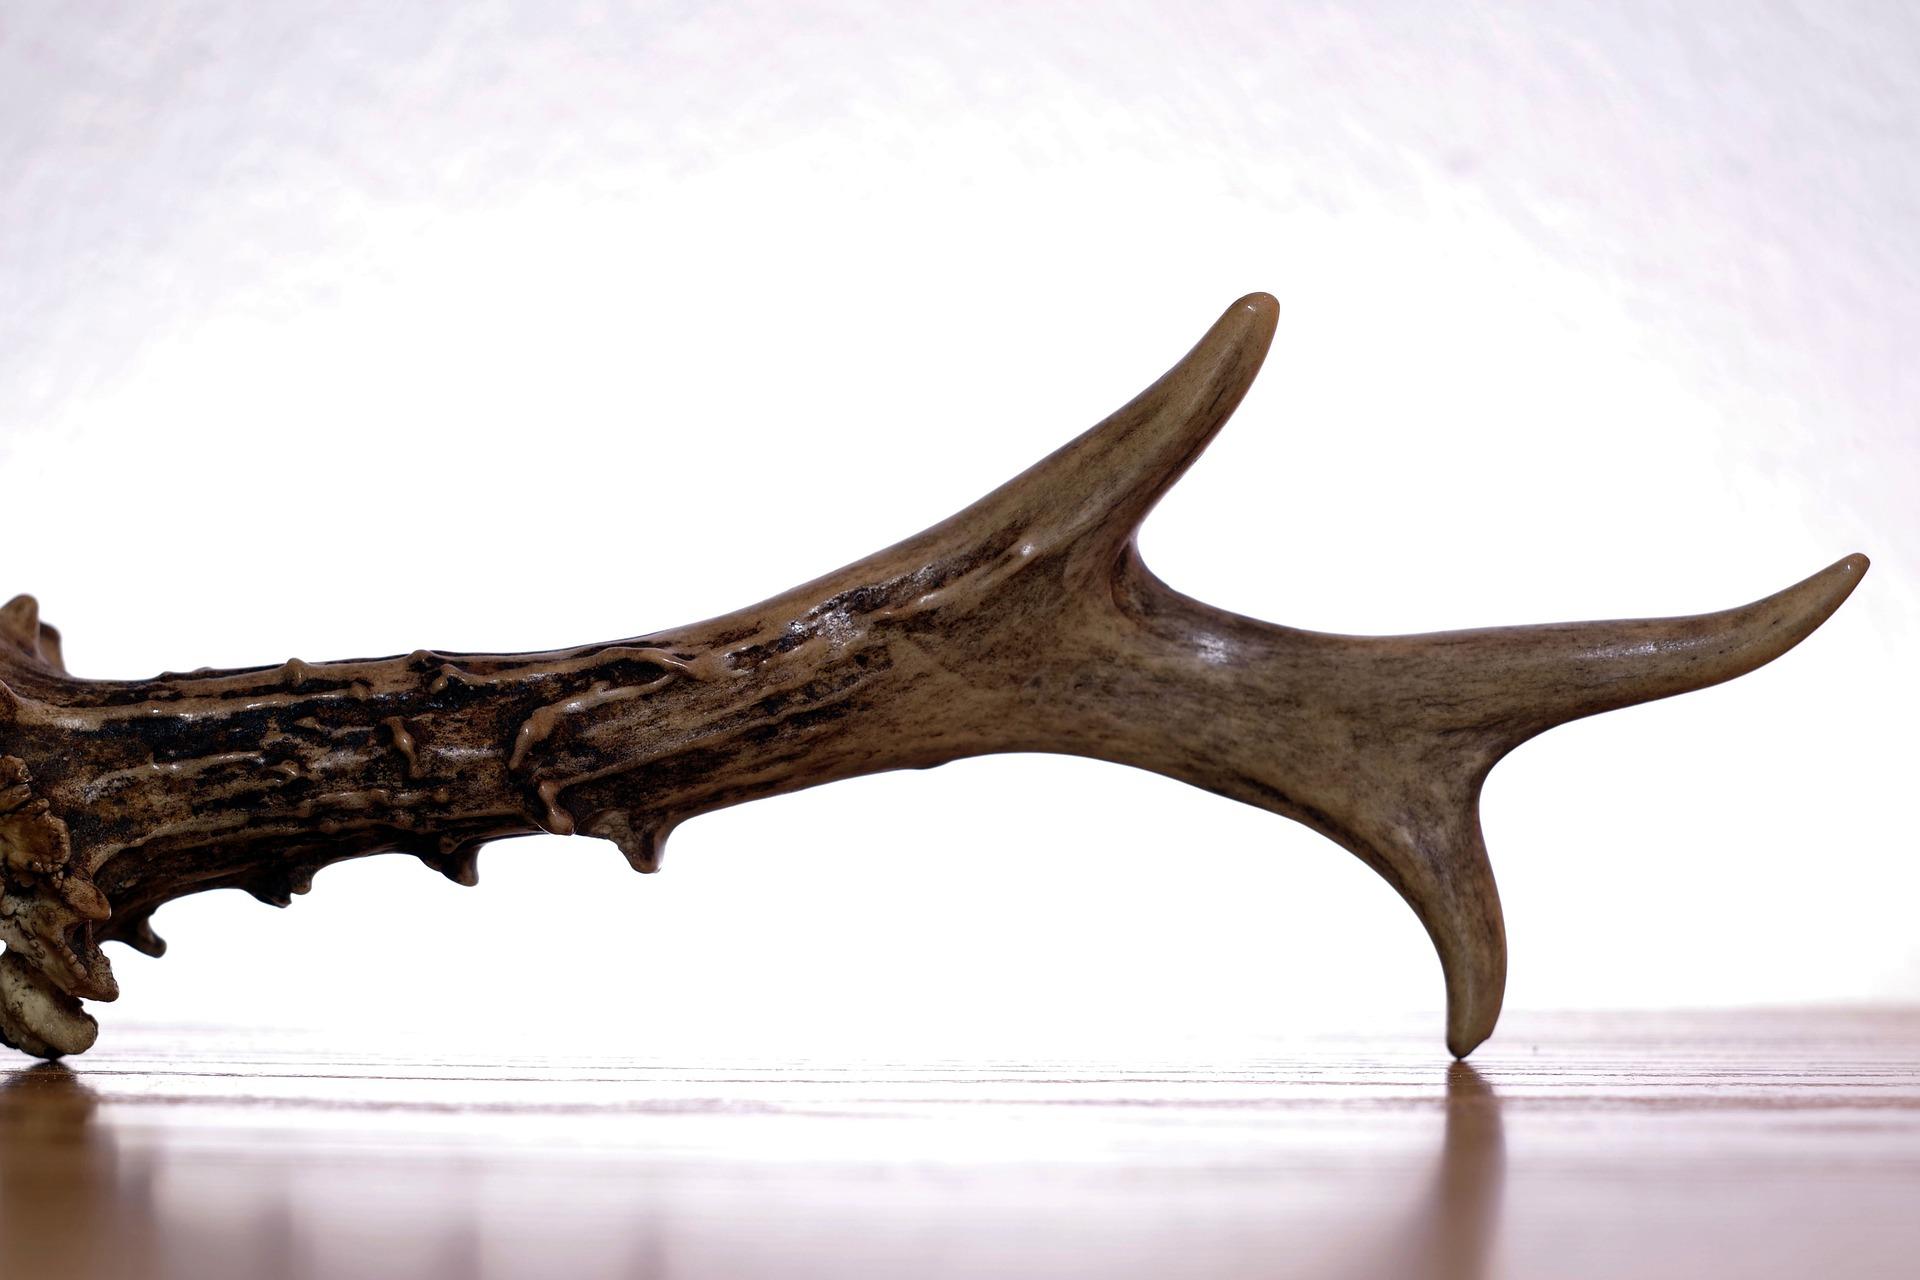 Corna, ossa o manufatti possono diventare potenti amuleti